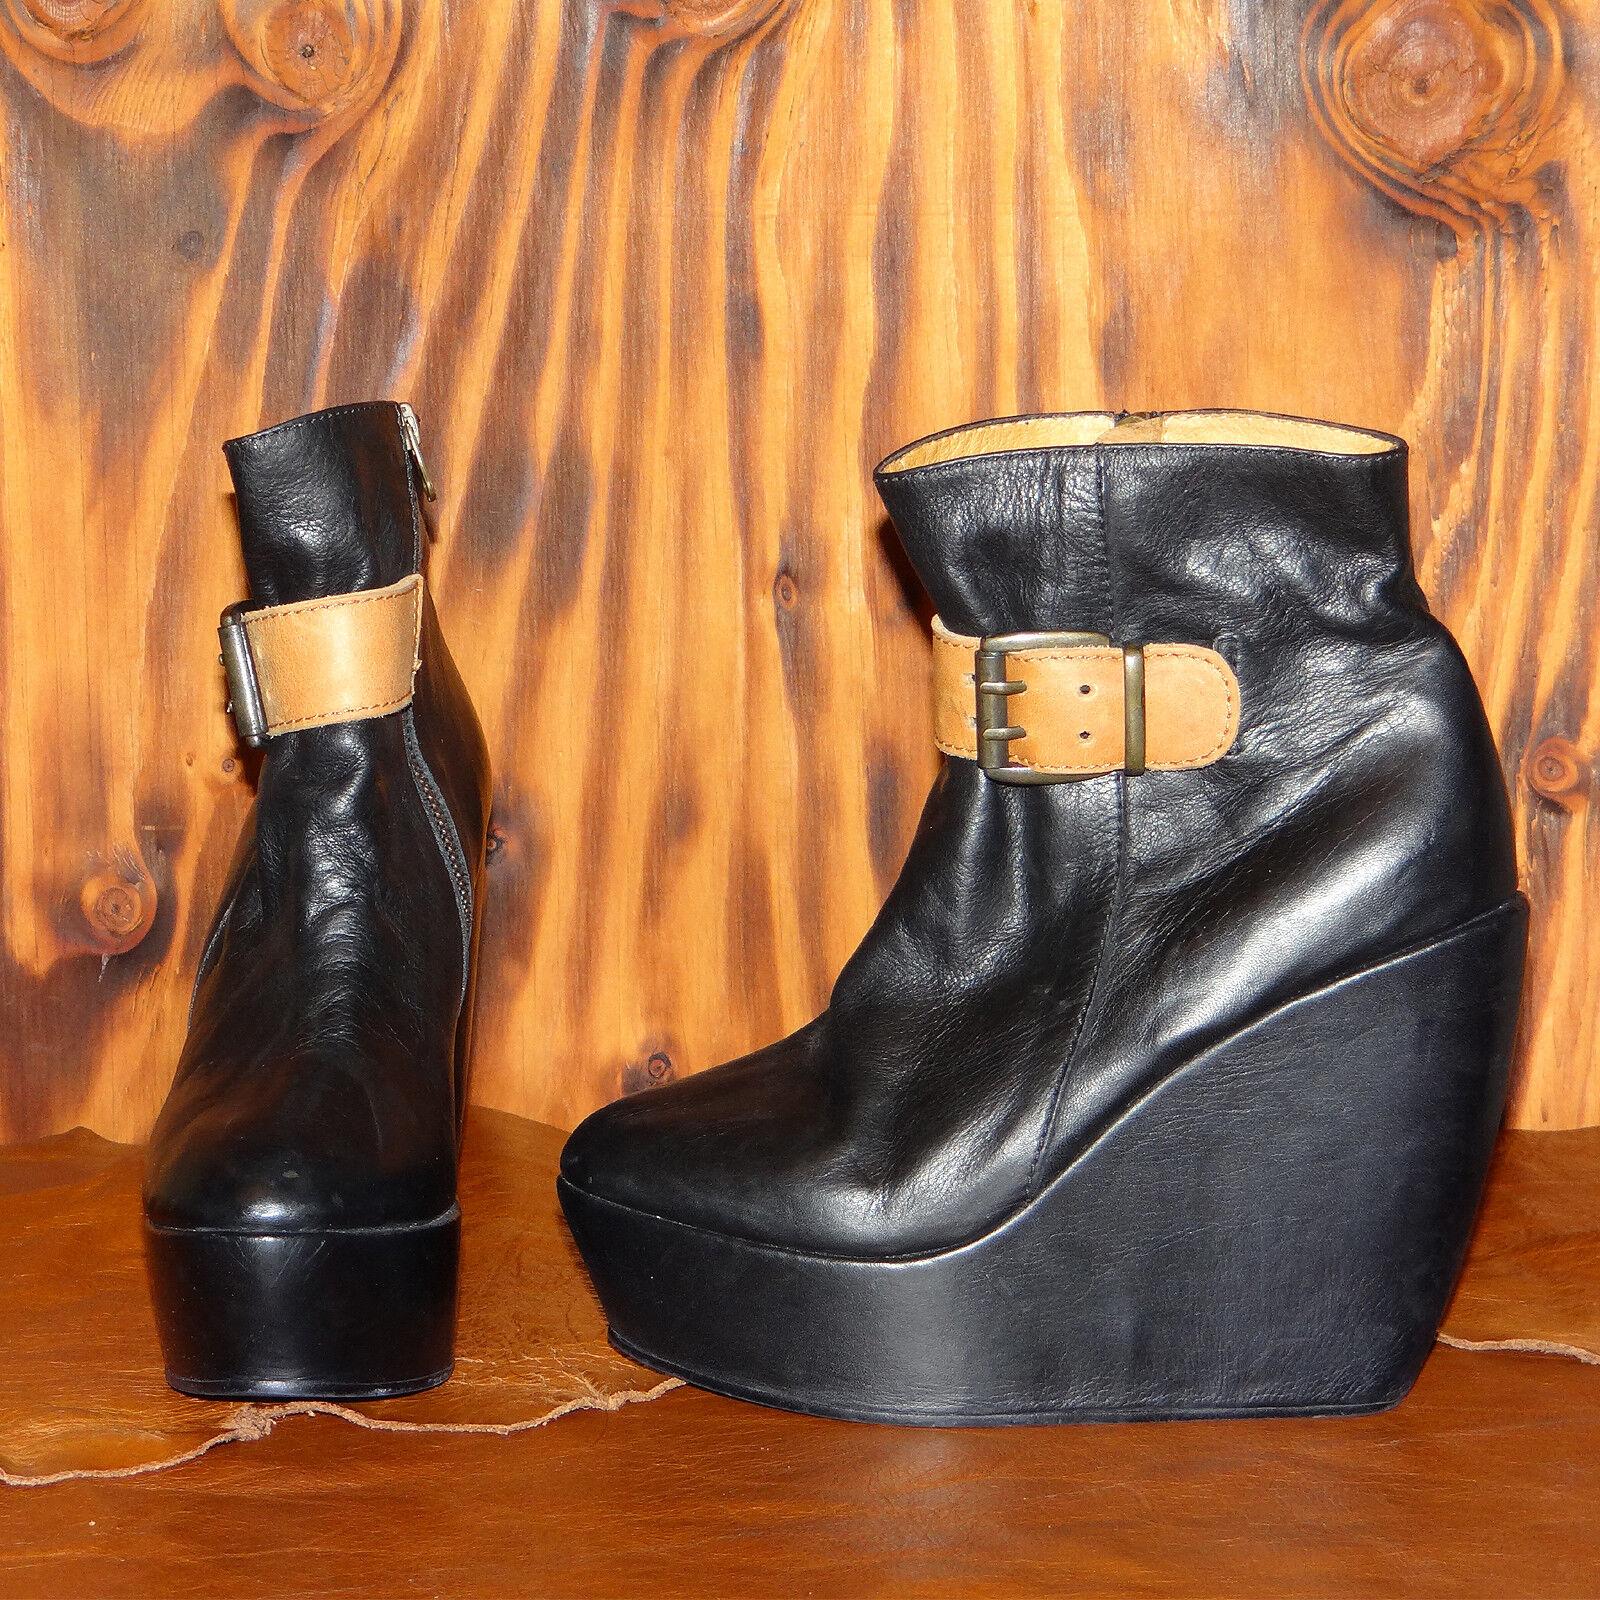 Platform Ankle Boots Black Leather Wedge Heel Heel Heel Boots EU 40 Minimarket Boots 4df8c2